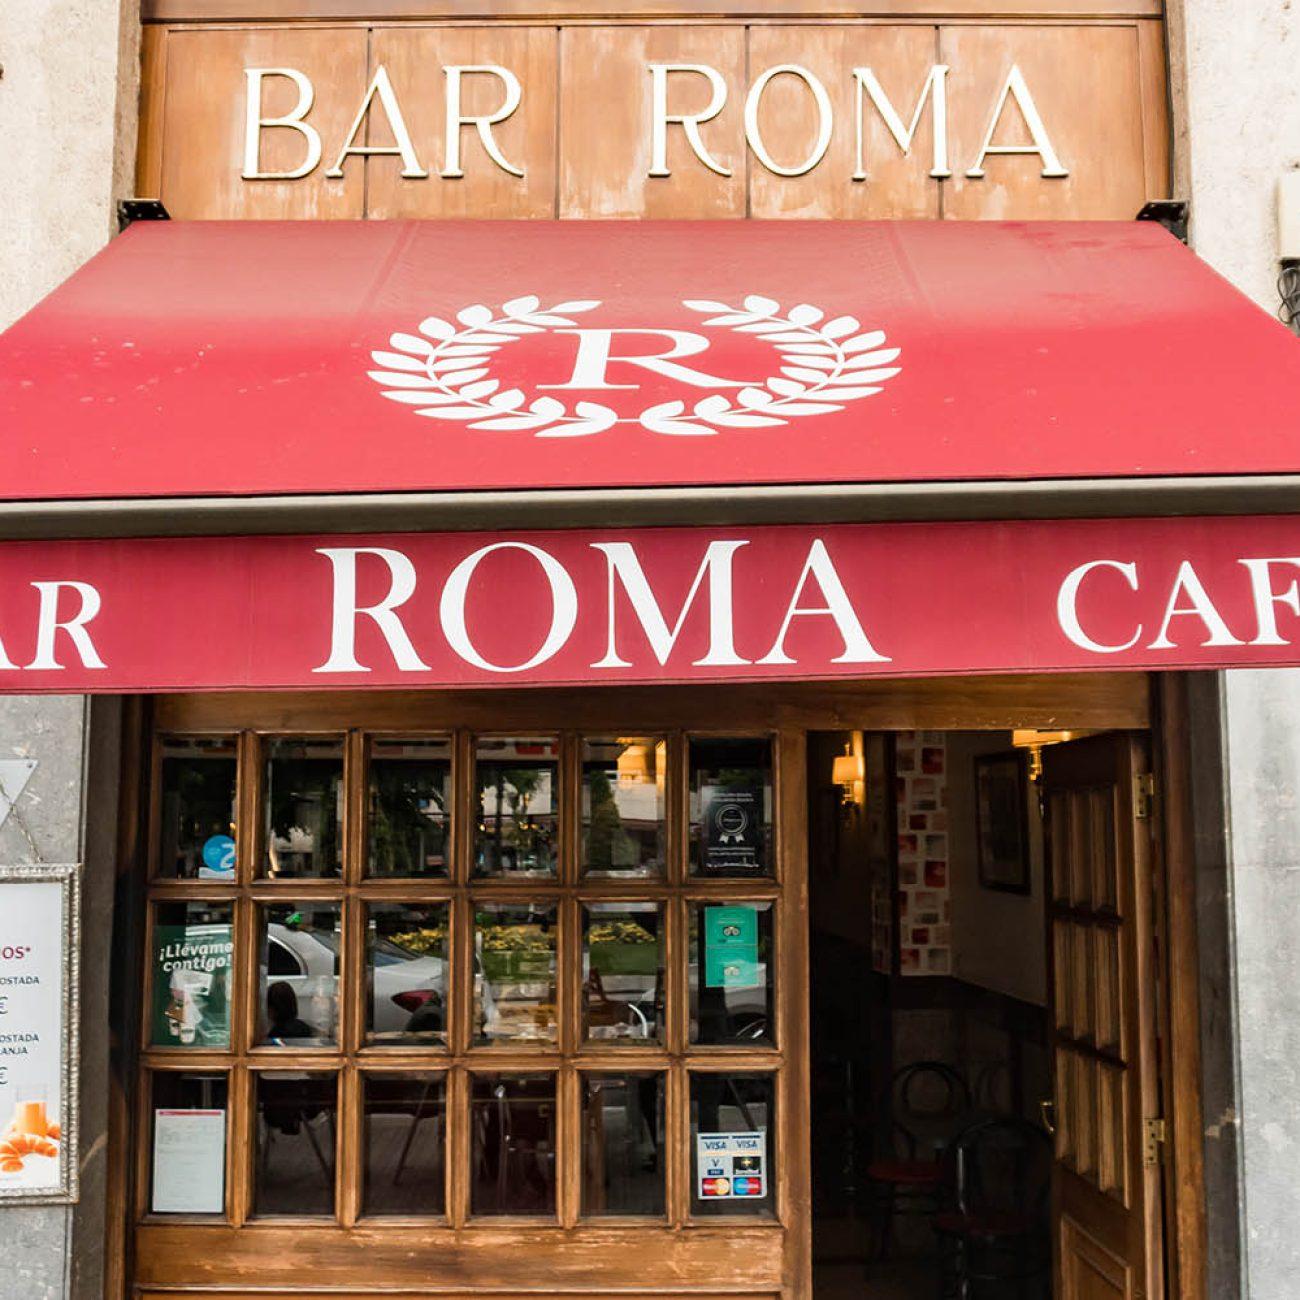 BAR ROMA EN BILBAO